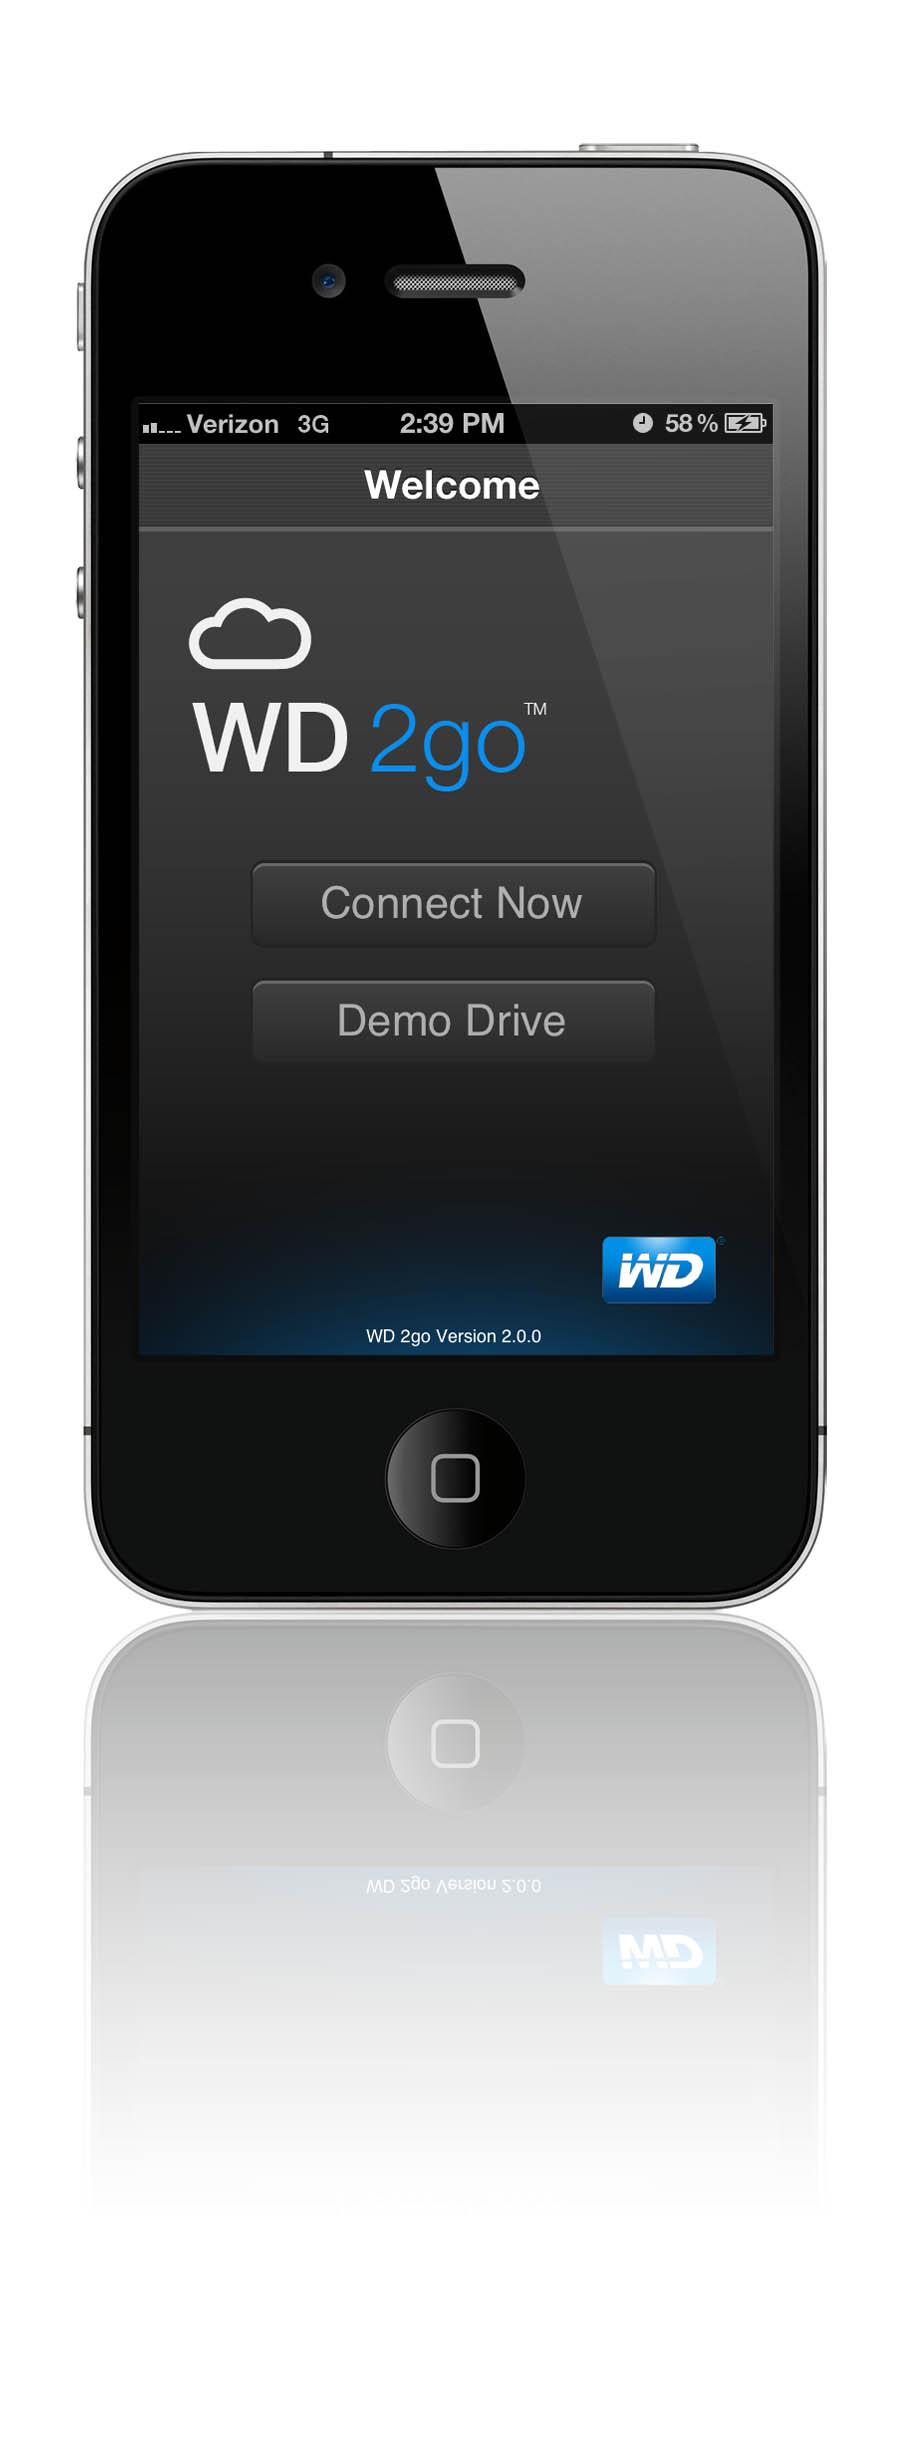 wd2go iphone screen 0 jpg